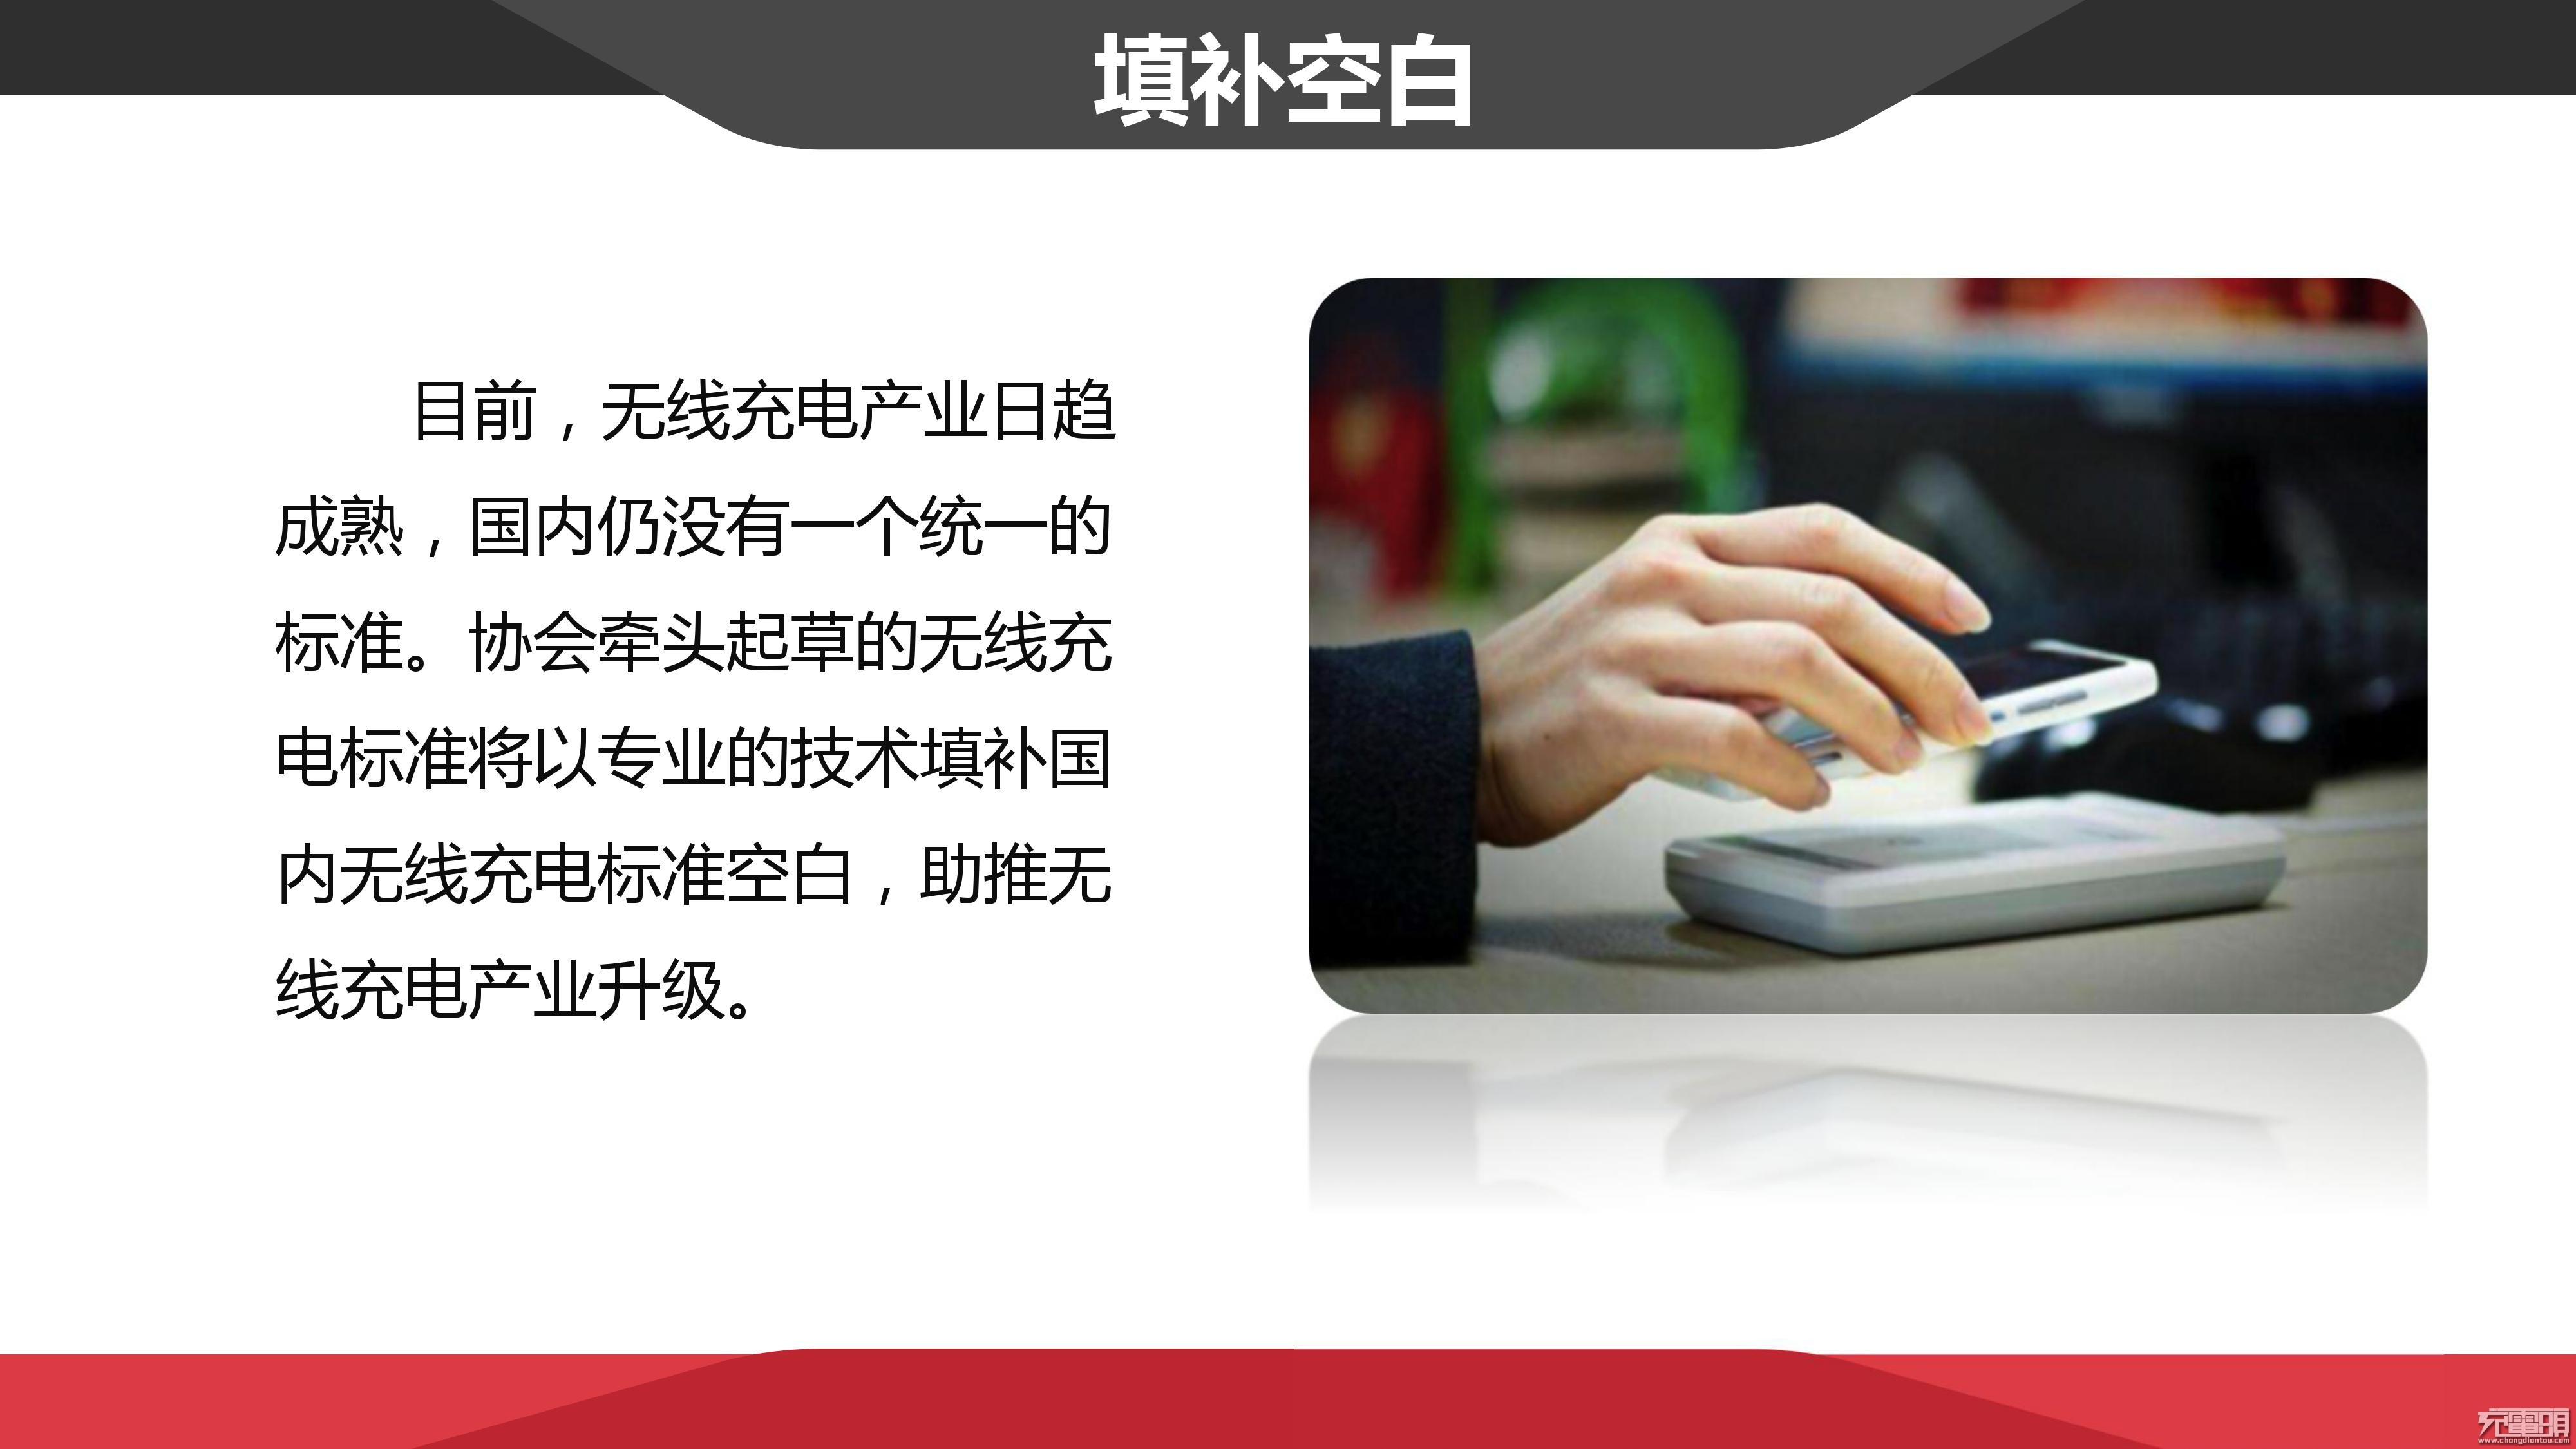 2018(夏季)中国无线充电产业高峰论坛PPT下载:中国通信工业协会-充电头网